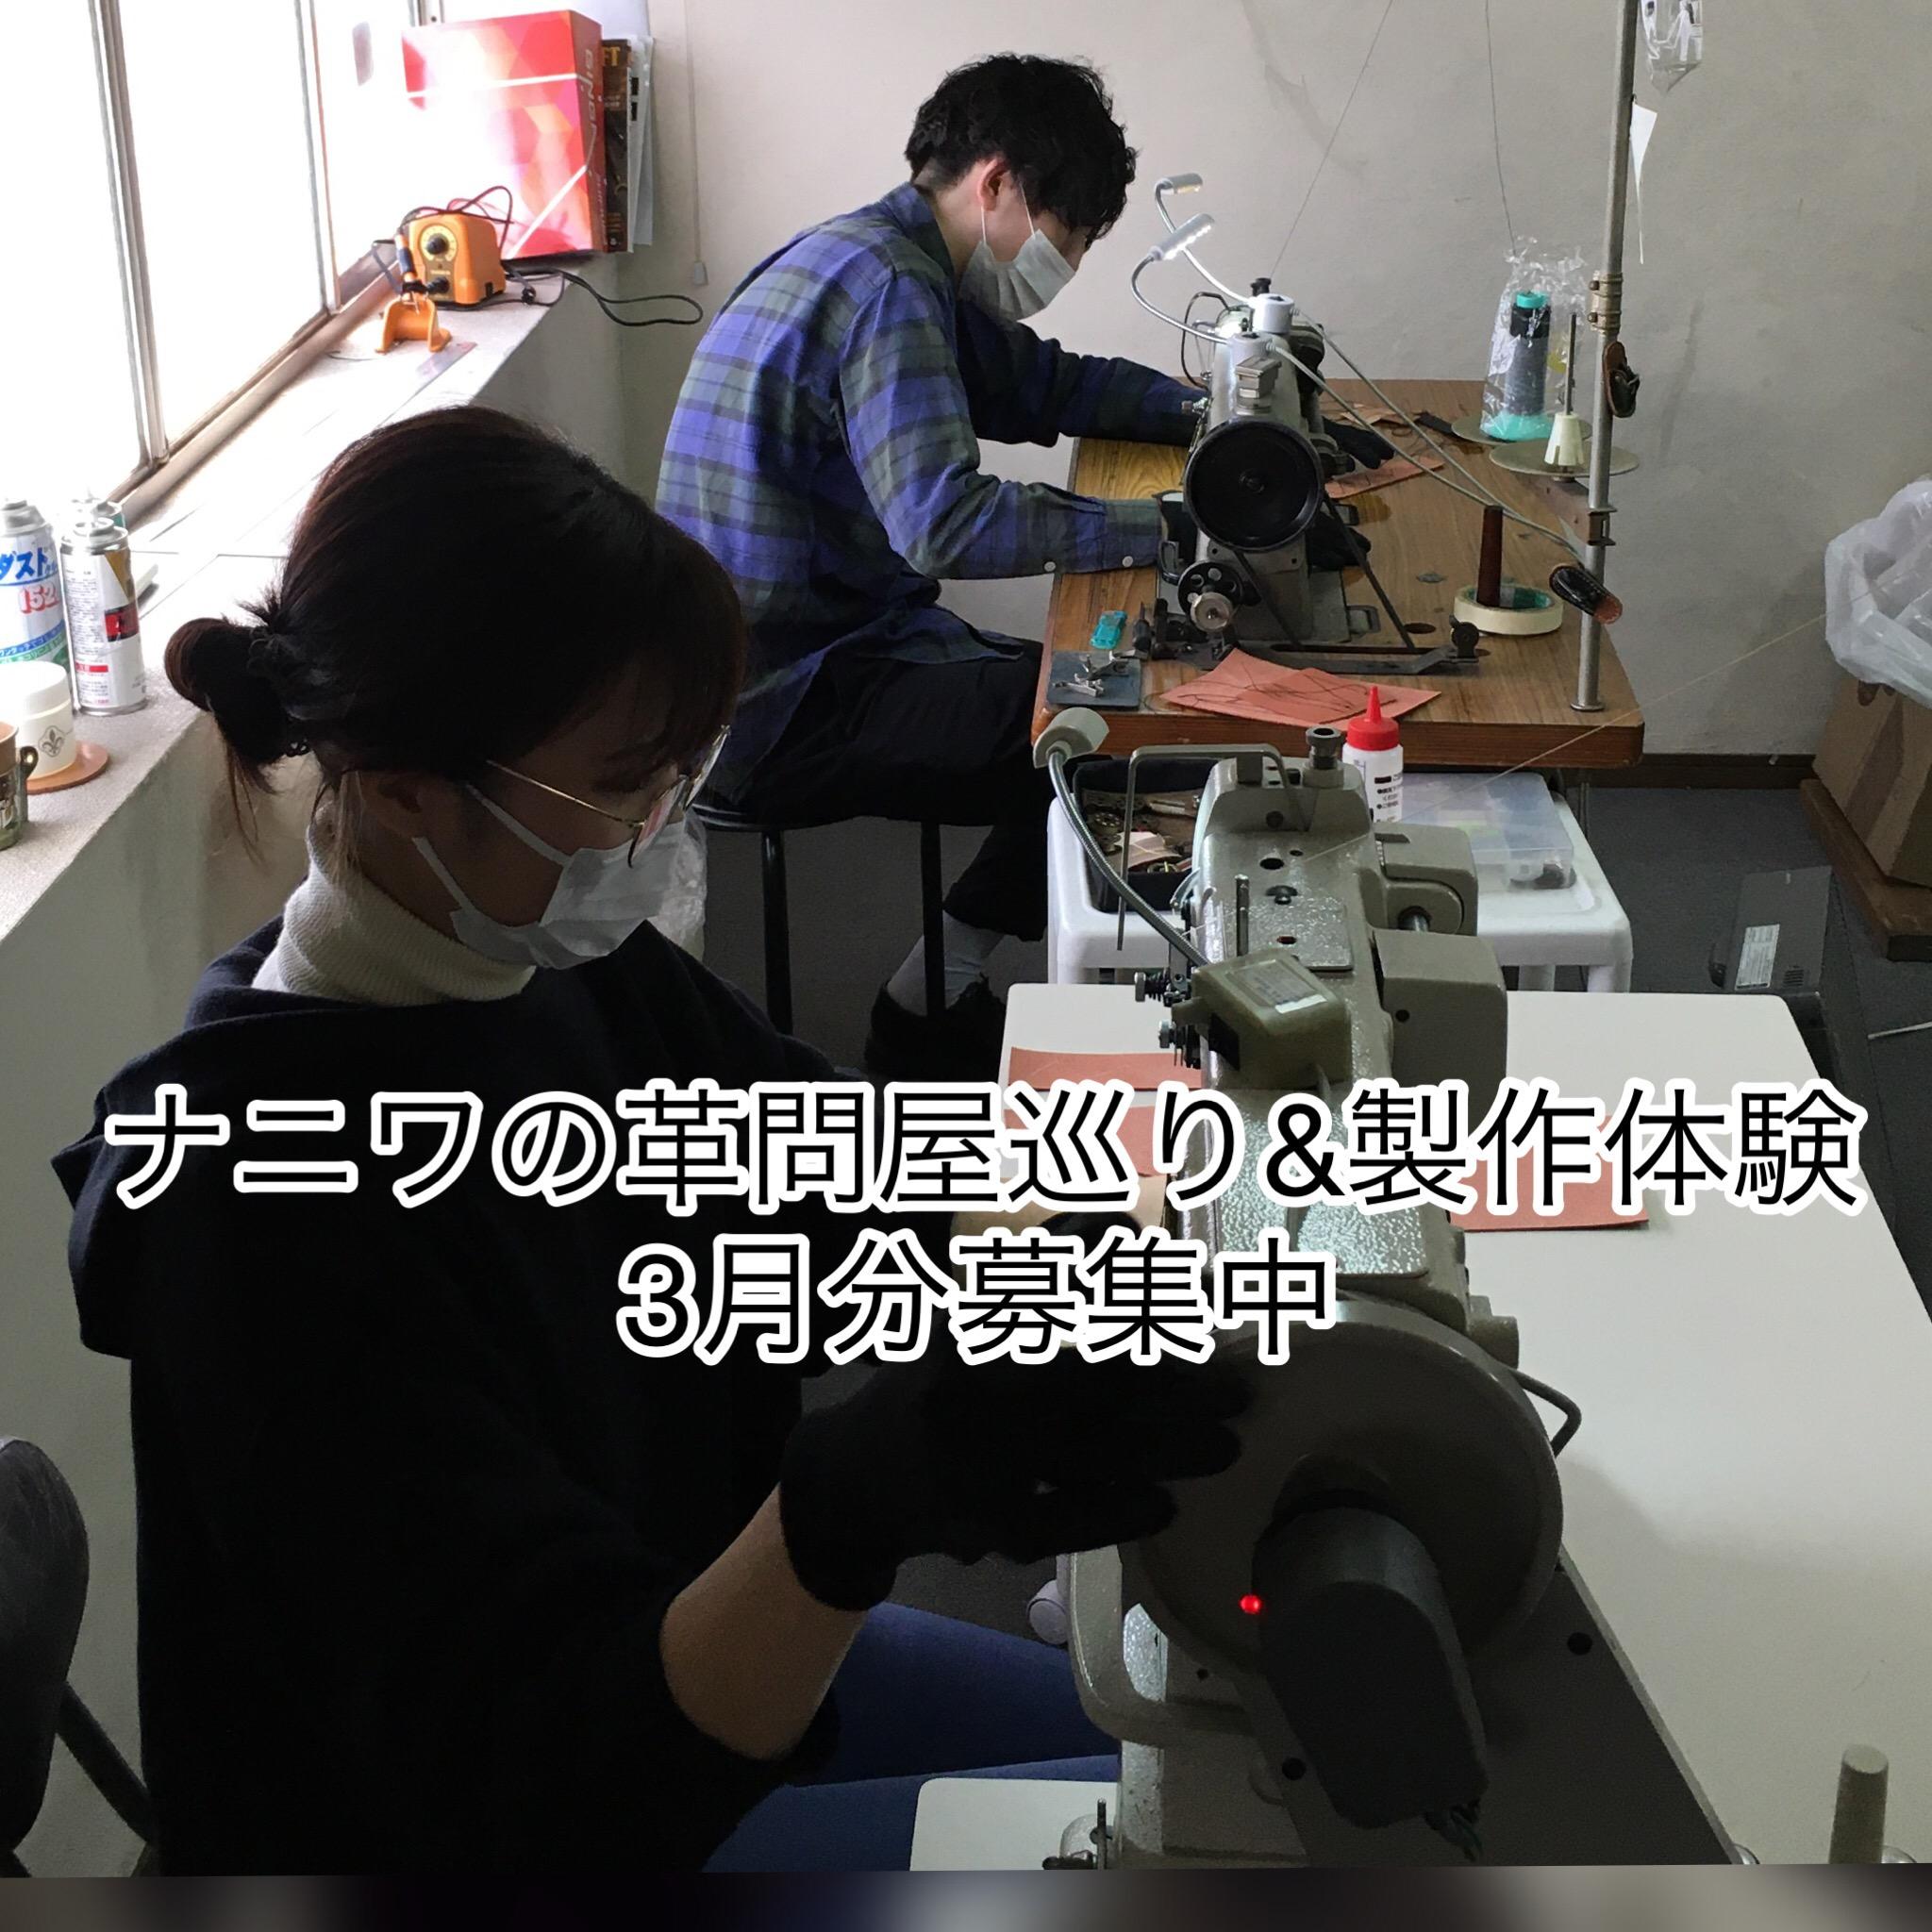 工房には2種類のミシンがあります。製作体験で使用していただきます。